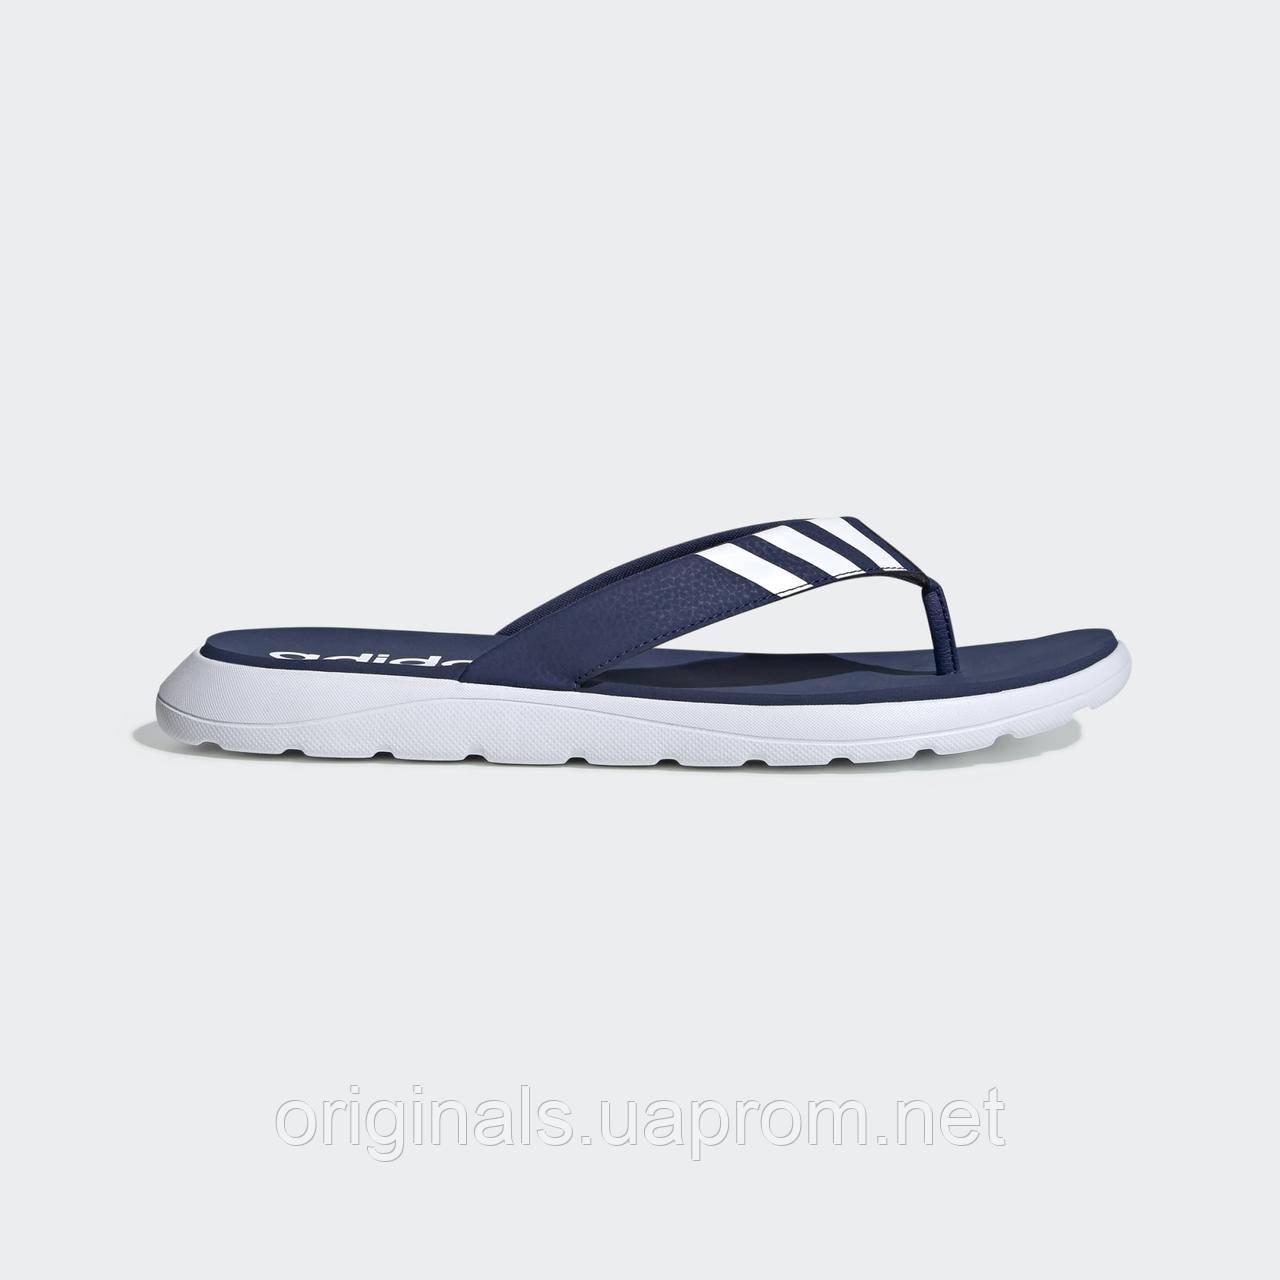 Мужские сланцы Adidas Comfort EG2068 2020